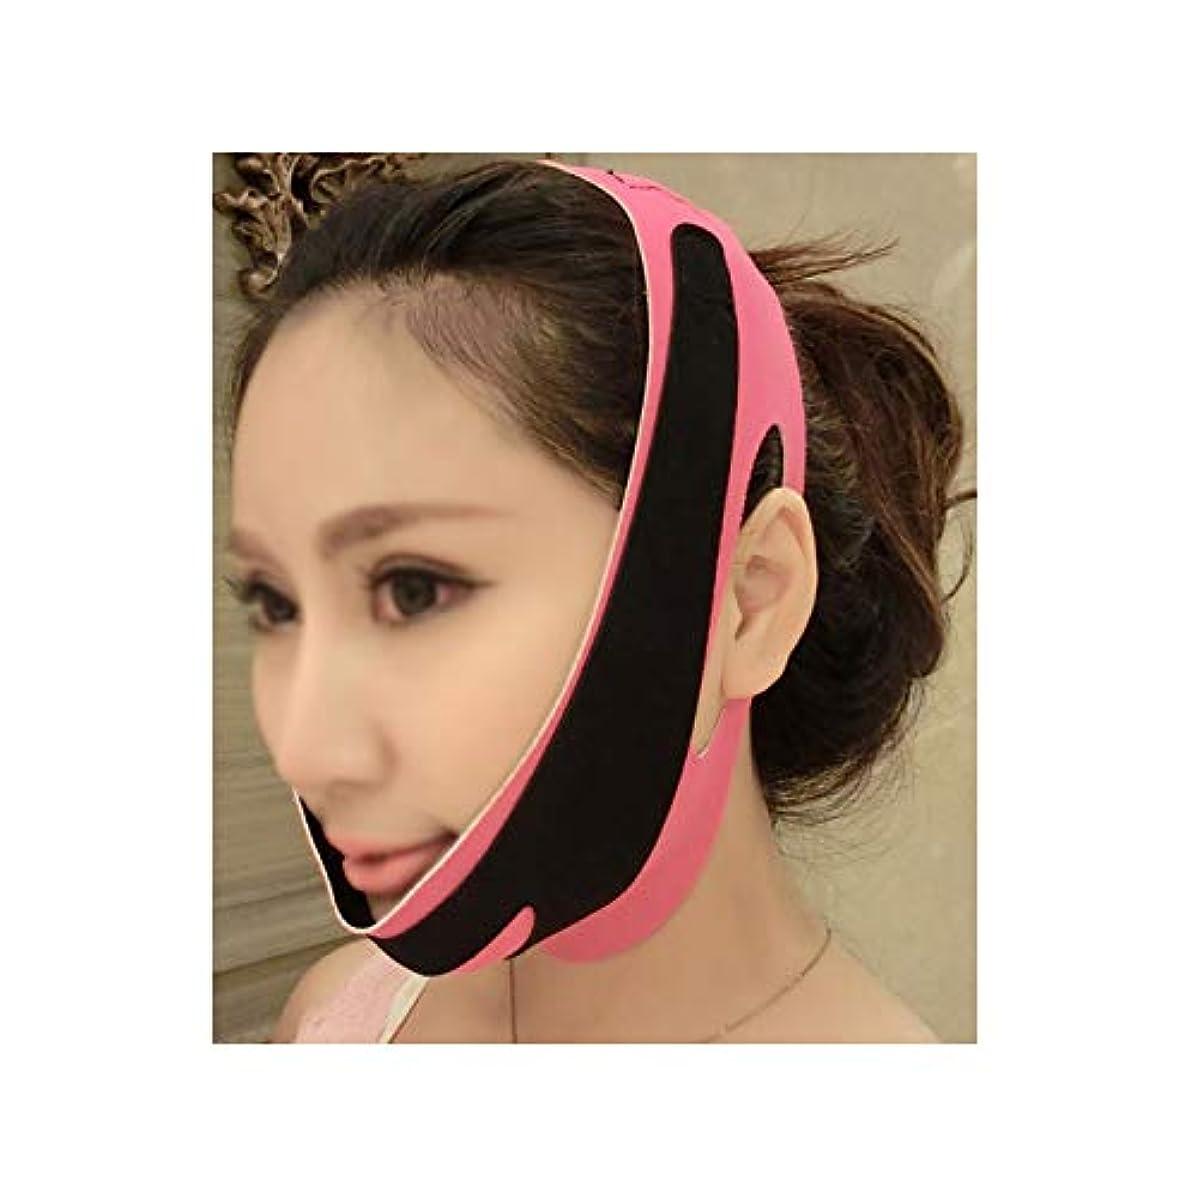 プレミアム有毒なスリップ薄い顔包帯フェイススリム二重あごを取り除くVラインの顔の形を作成する頬チークリフトアップアンチリンクルリフティングベルトフェイスマッサージツール女性と女の子用(3フェイス包帯)